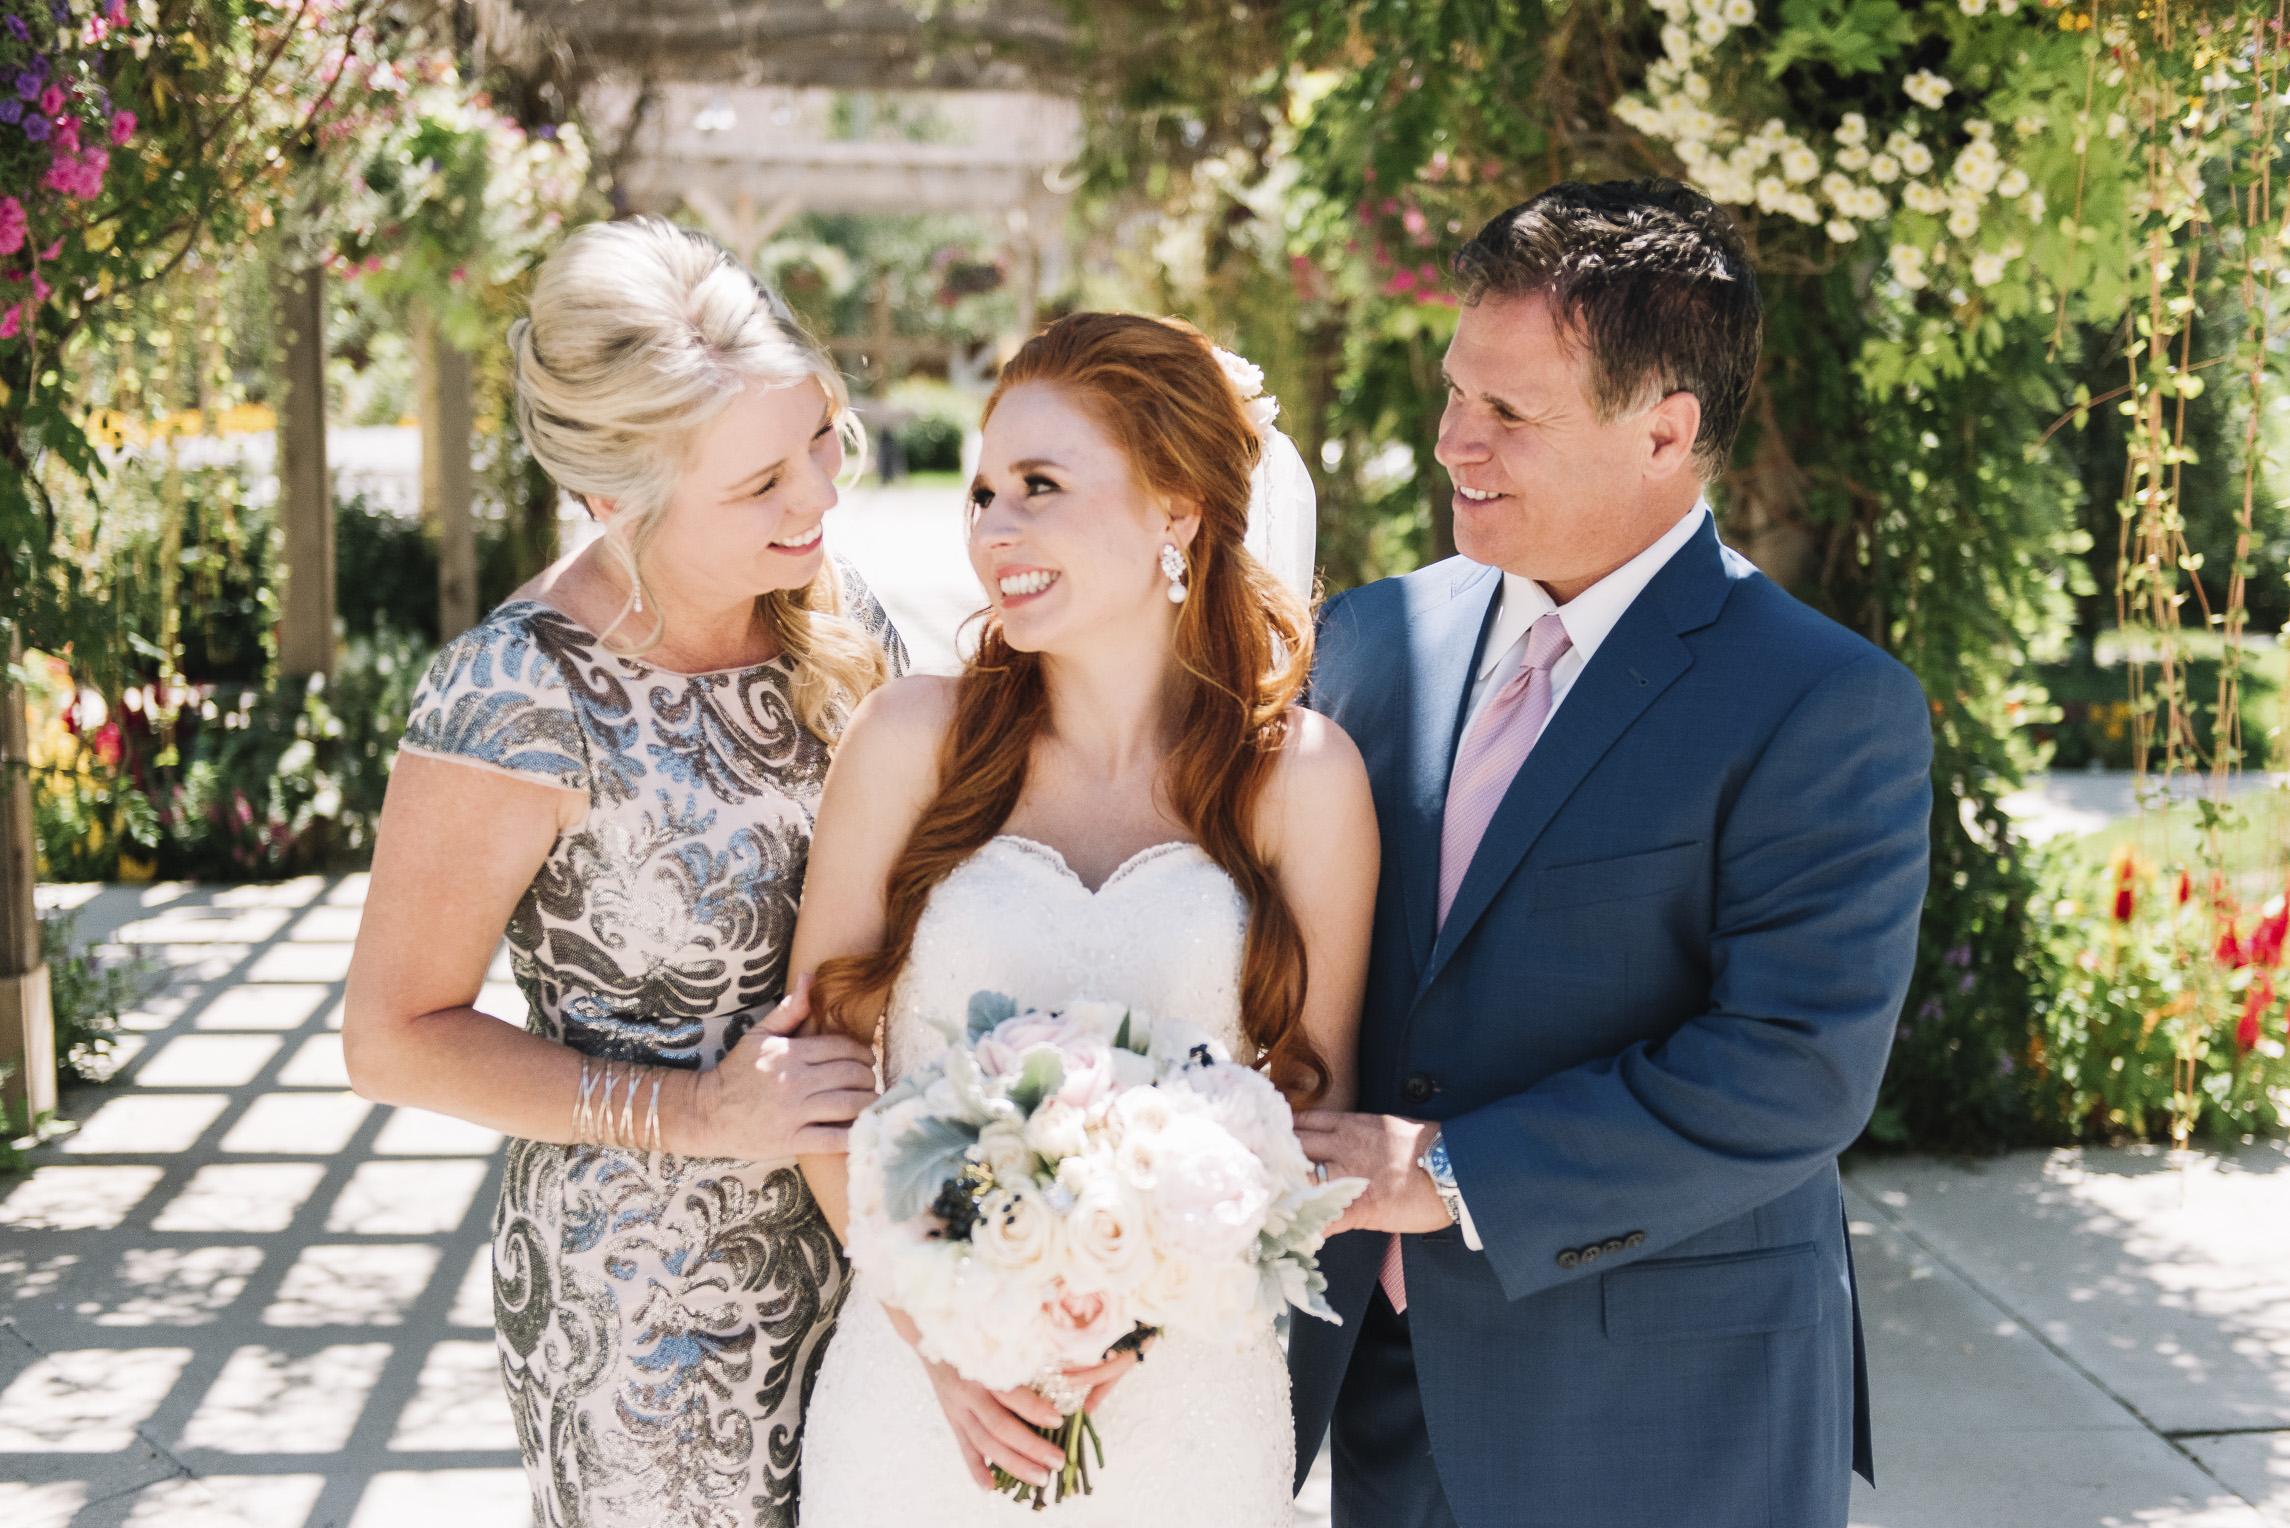 web sized images -- no to print --CALVIN & MCKYLEY WEDDING PHOTOS - COLORADO PHOTOGRAPHER - DEBI RAE PHOTOGRAPHY-484.jpg